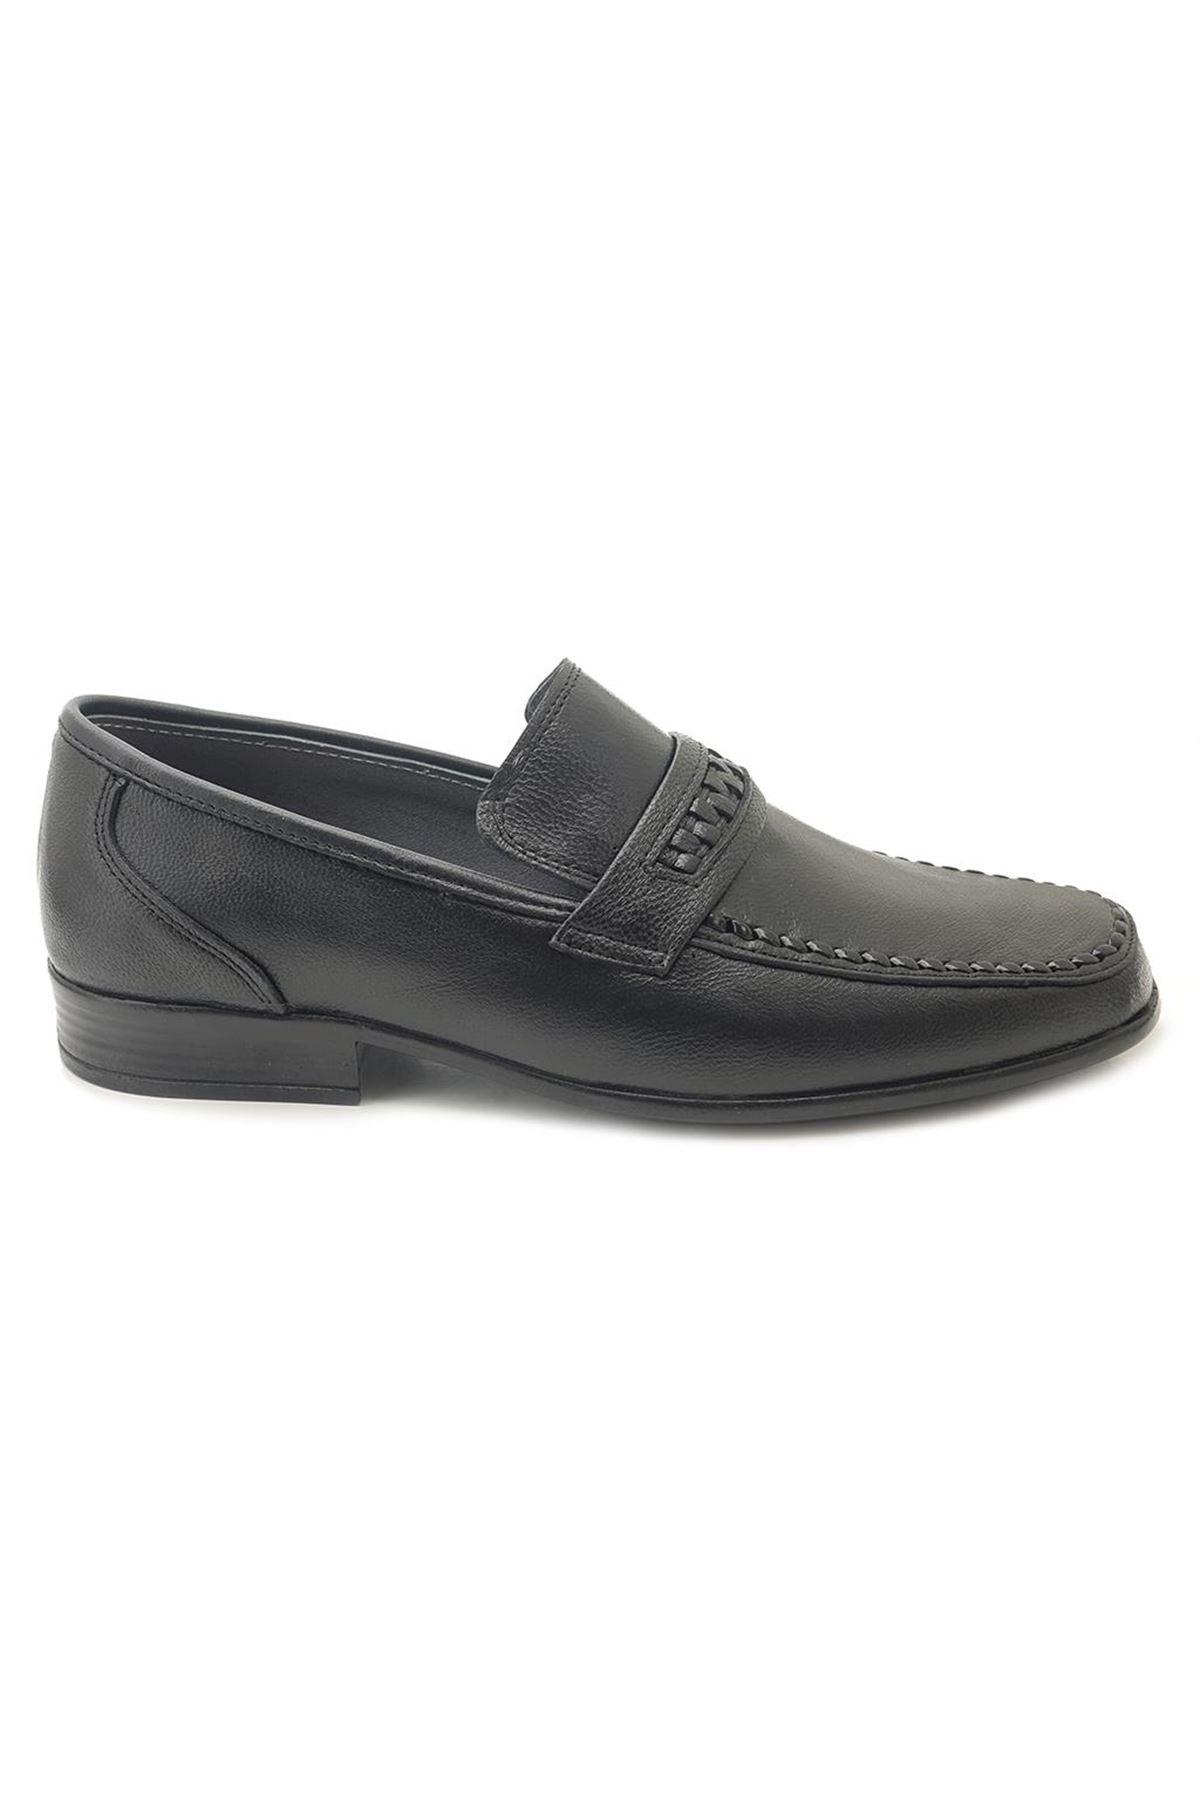 Flies Hakiki Deri Rok Yumuşak Erkek Klasik Ayakkabı